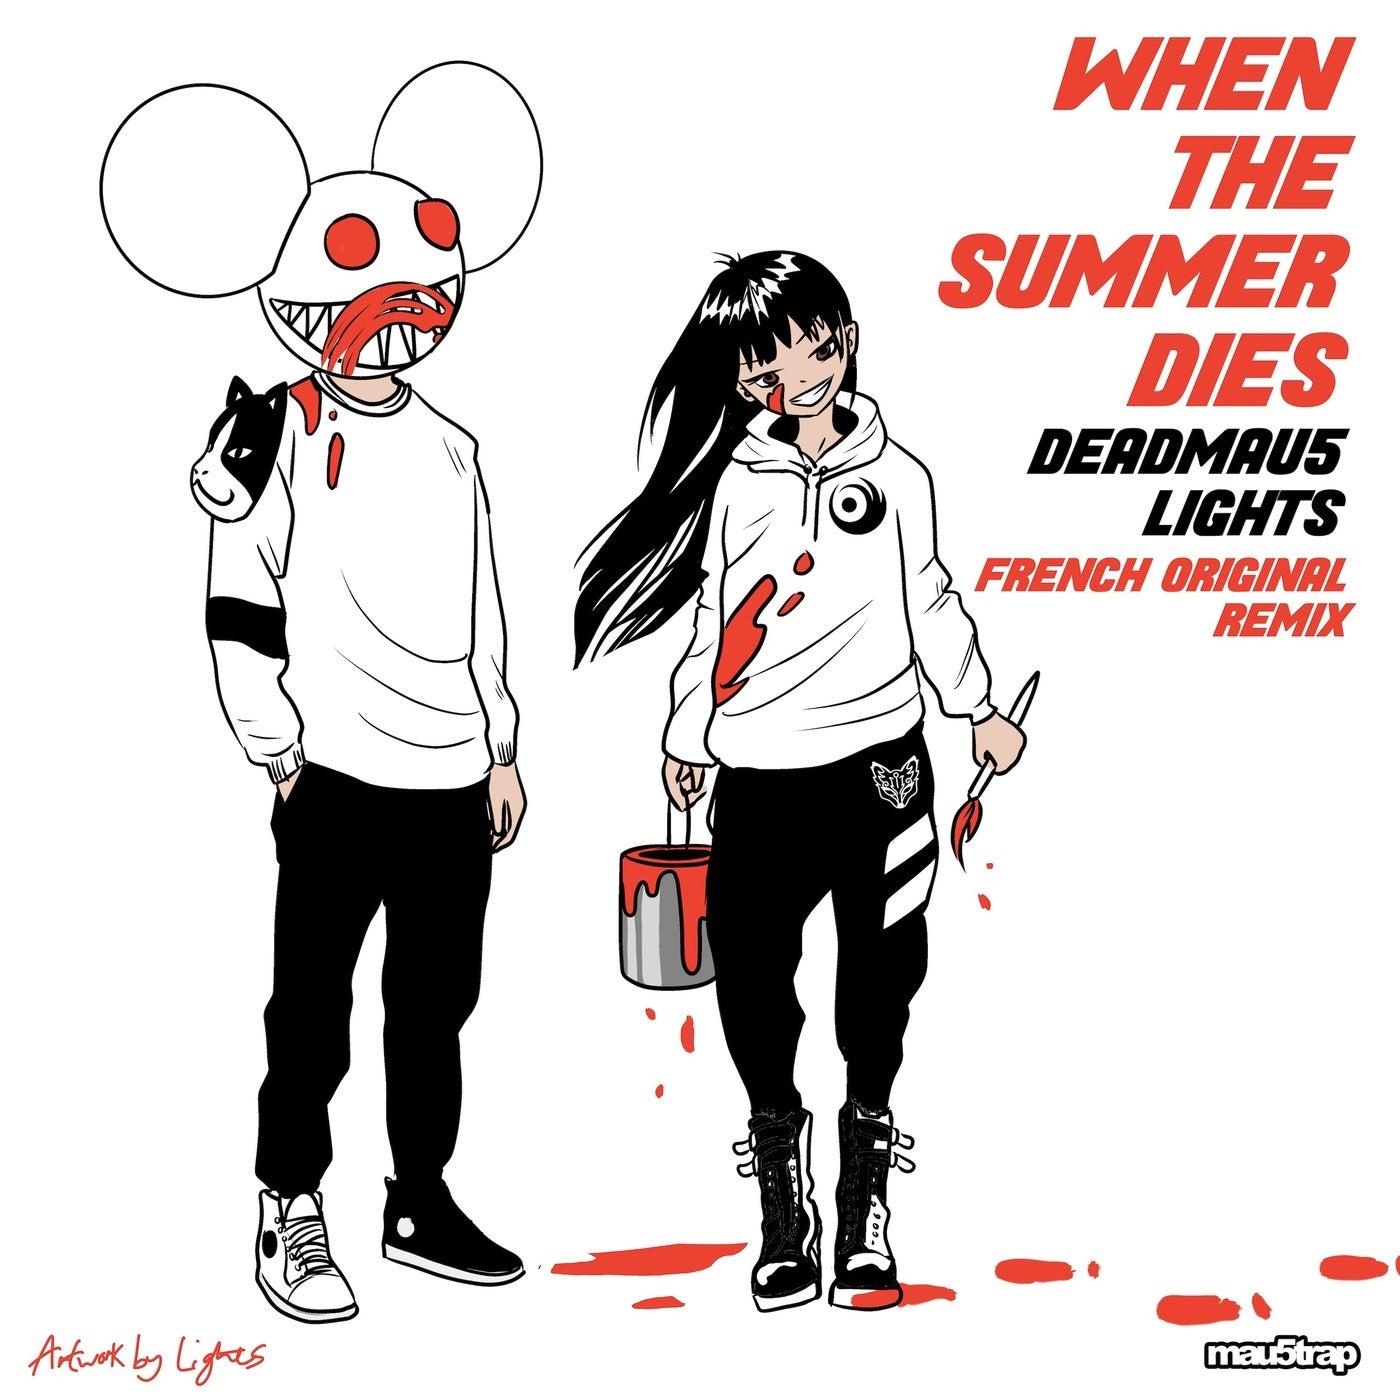 When The Summer Dies (French Original Remix)